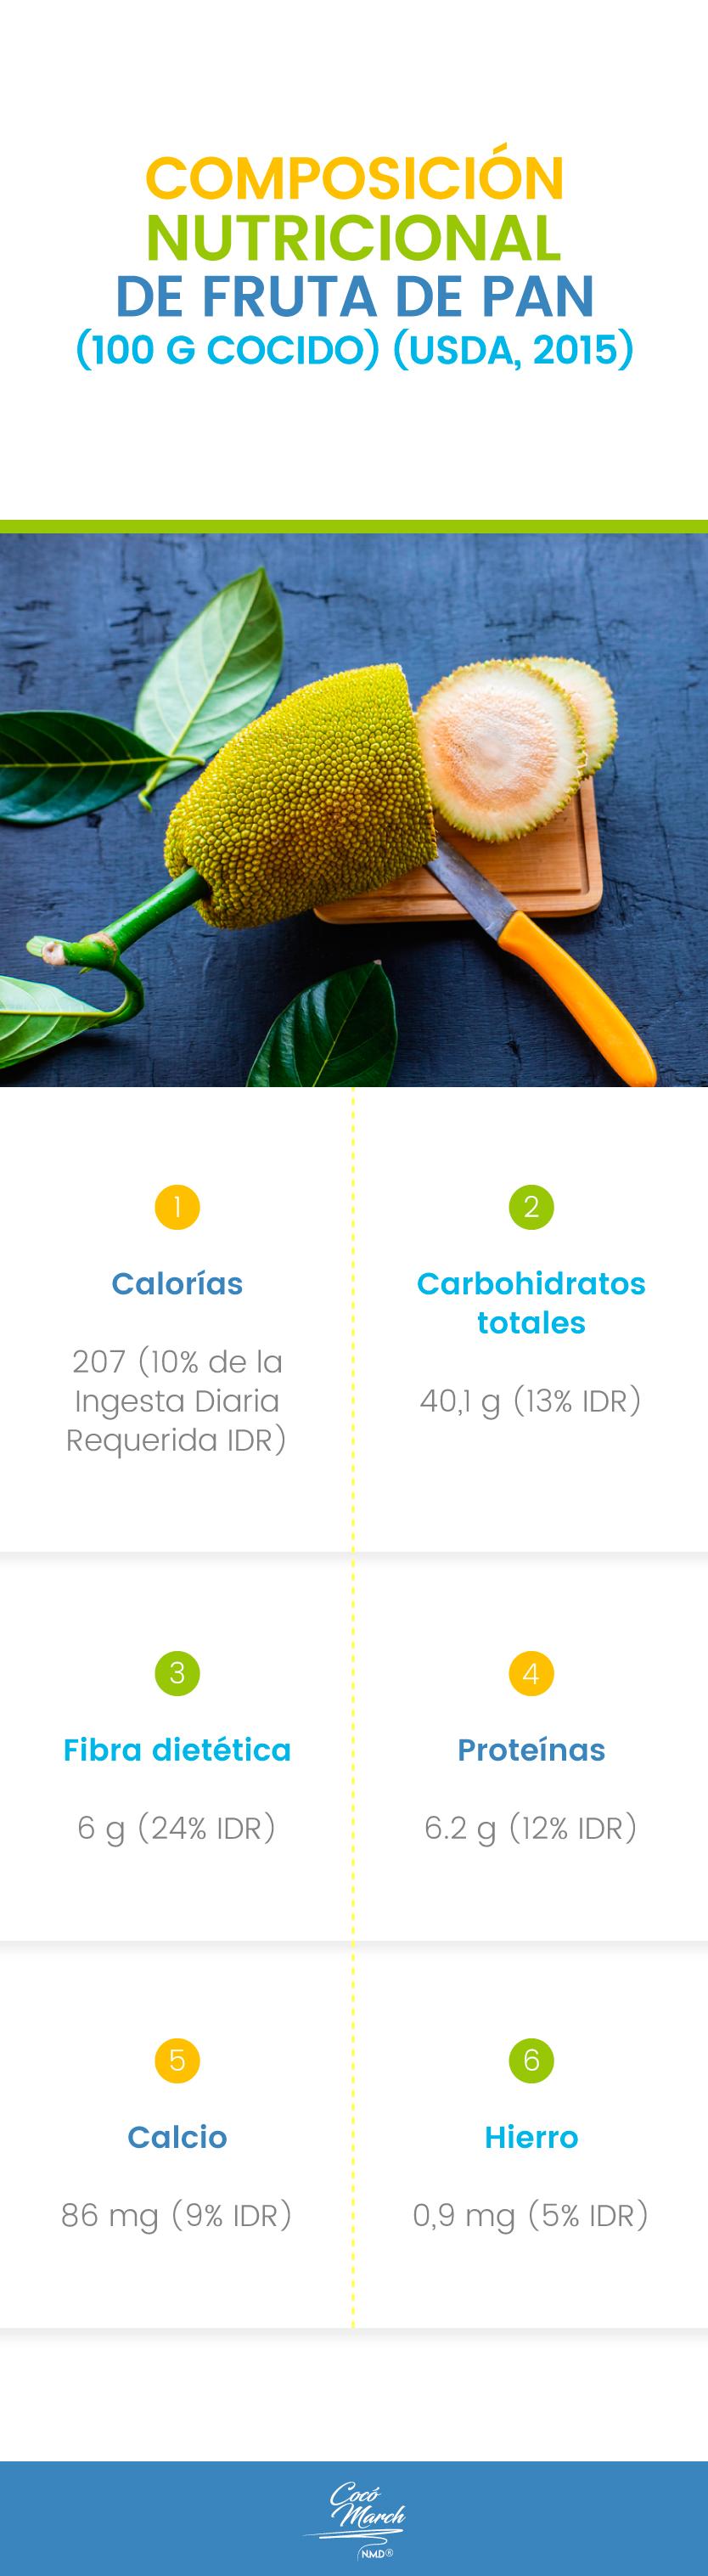 composicion-nutricional-de-la-fruta-de-pan